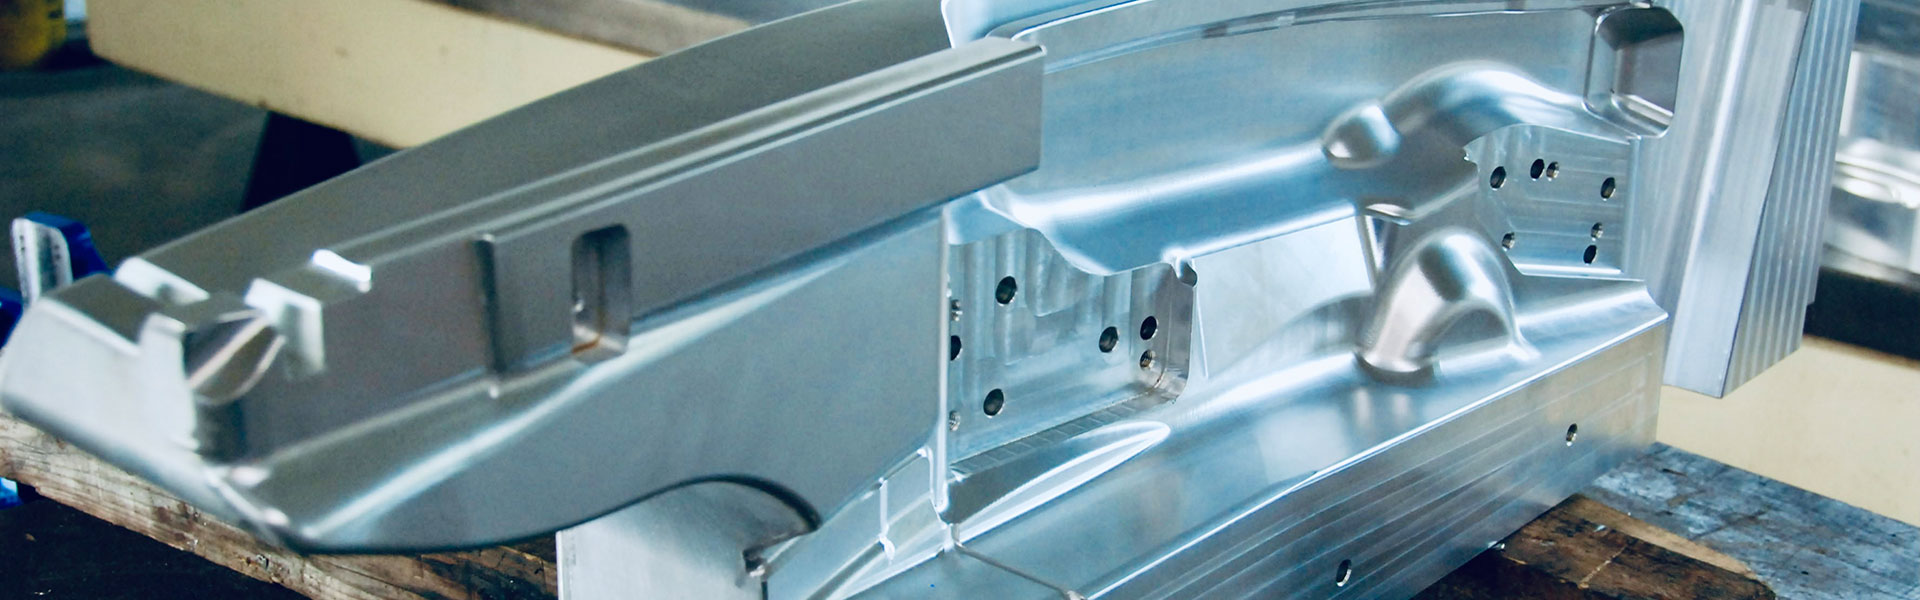 3D Formteile von Ortmeier Maschinen- und Vorrichtungsbau